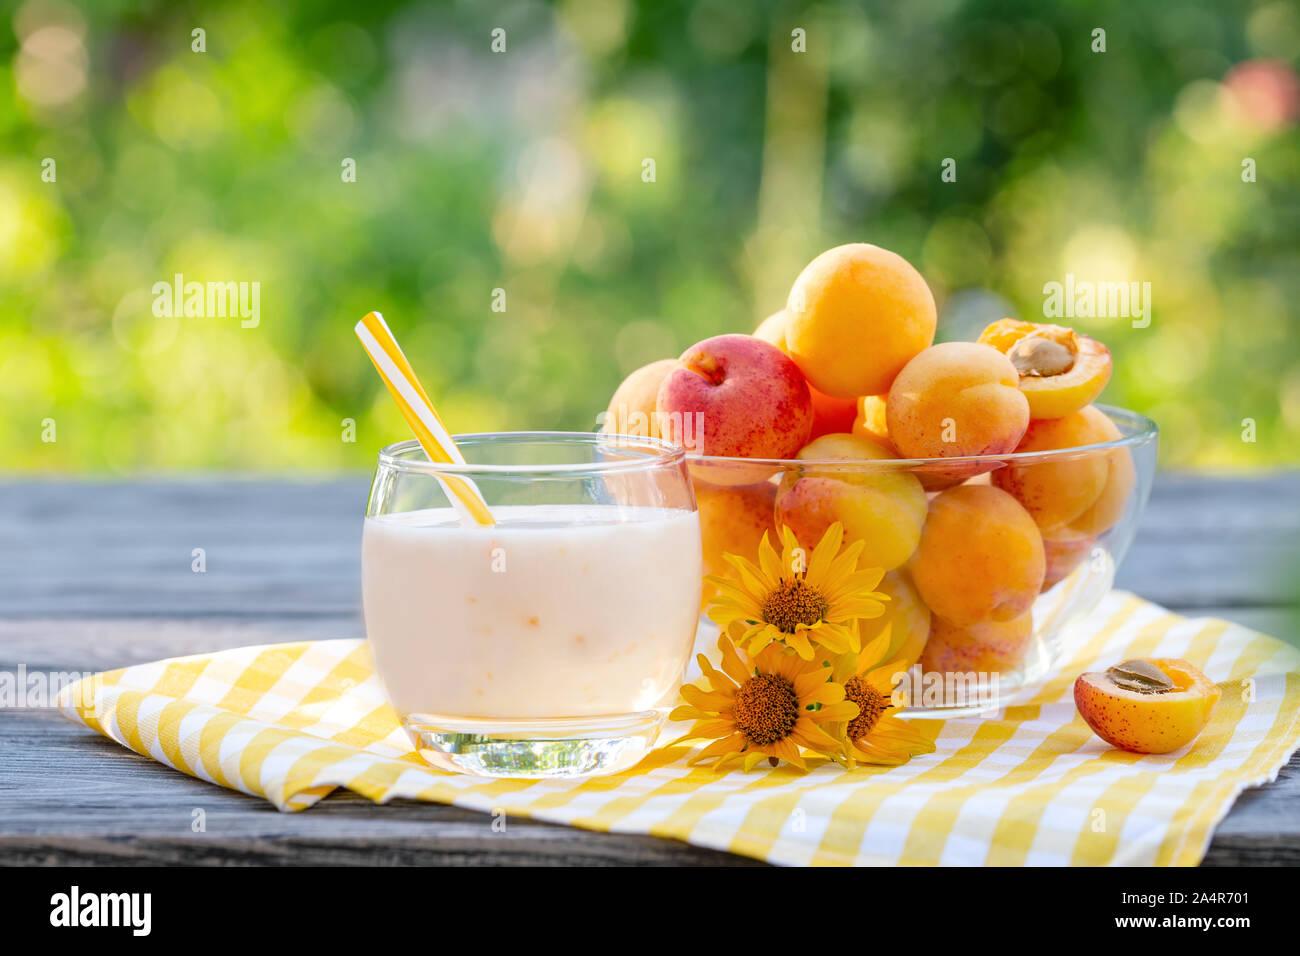 Smoothie à l'abricot ou du yaourt aux abricots sur table en bois. Fond naturel vert Banque D'Images